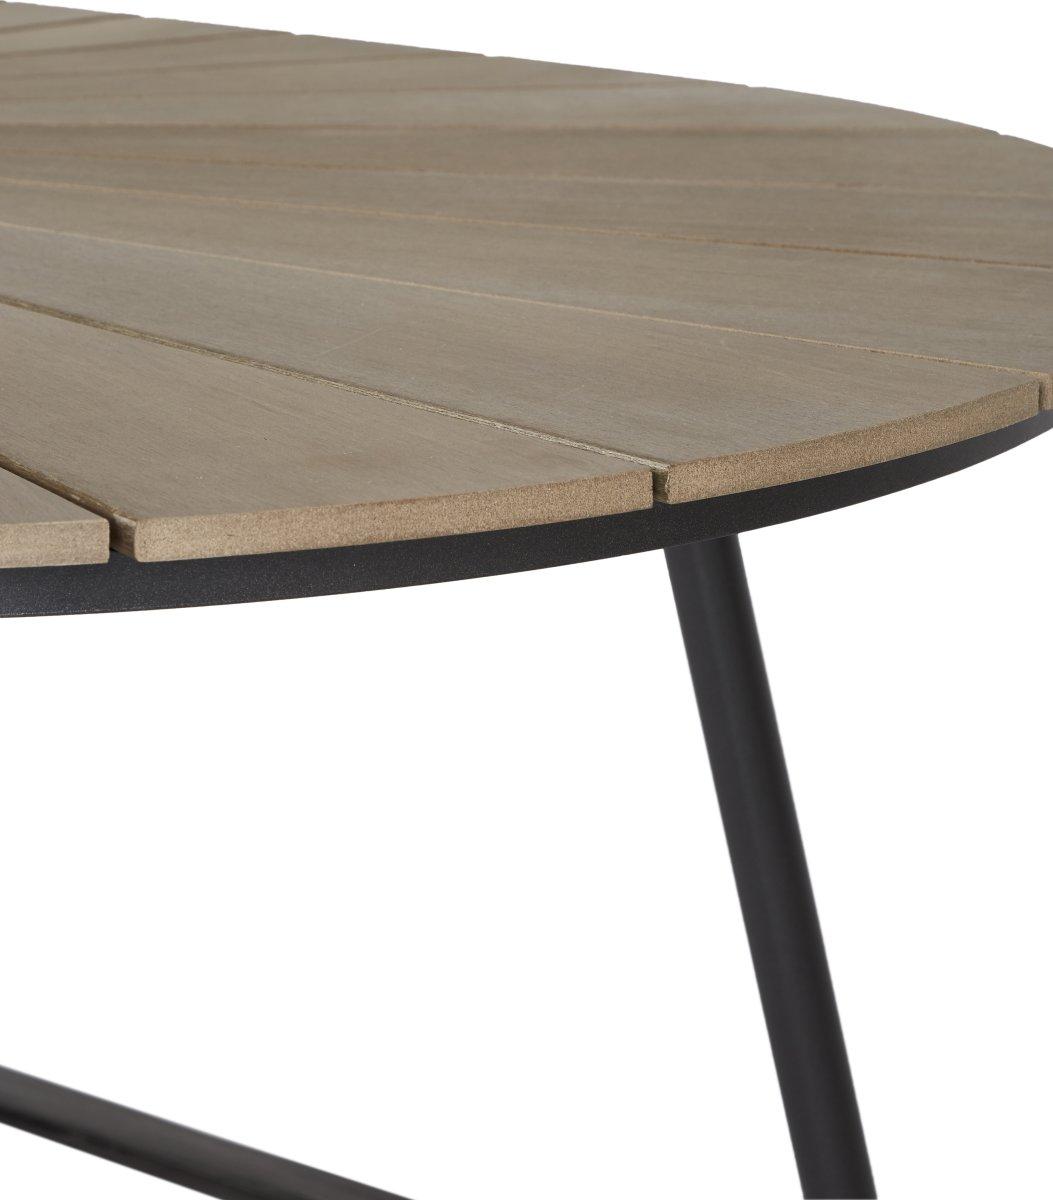 Ovalt havebord B103xL195 cm, sort